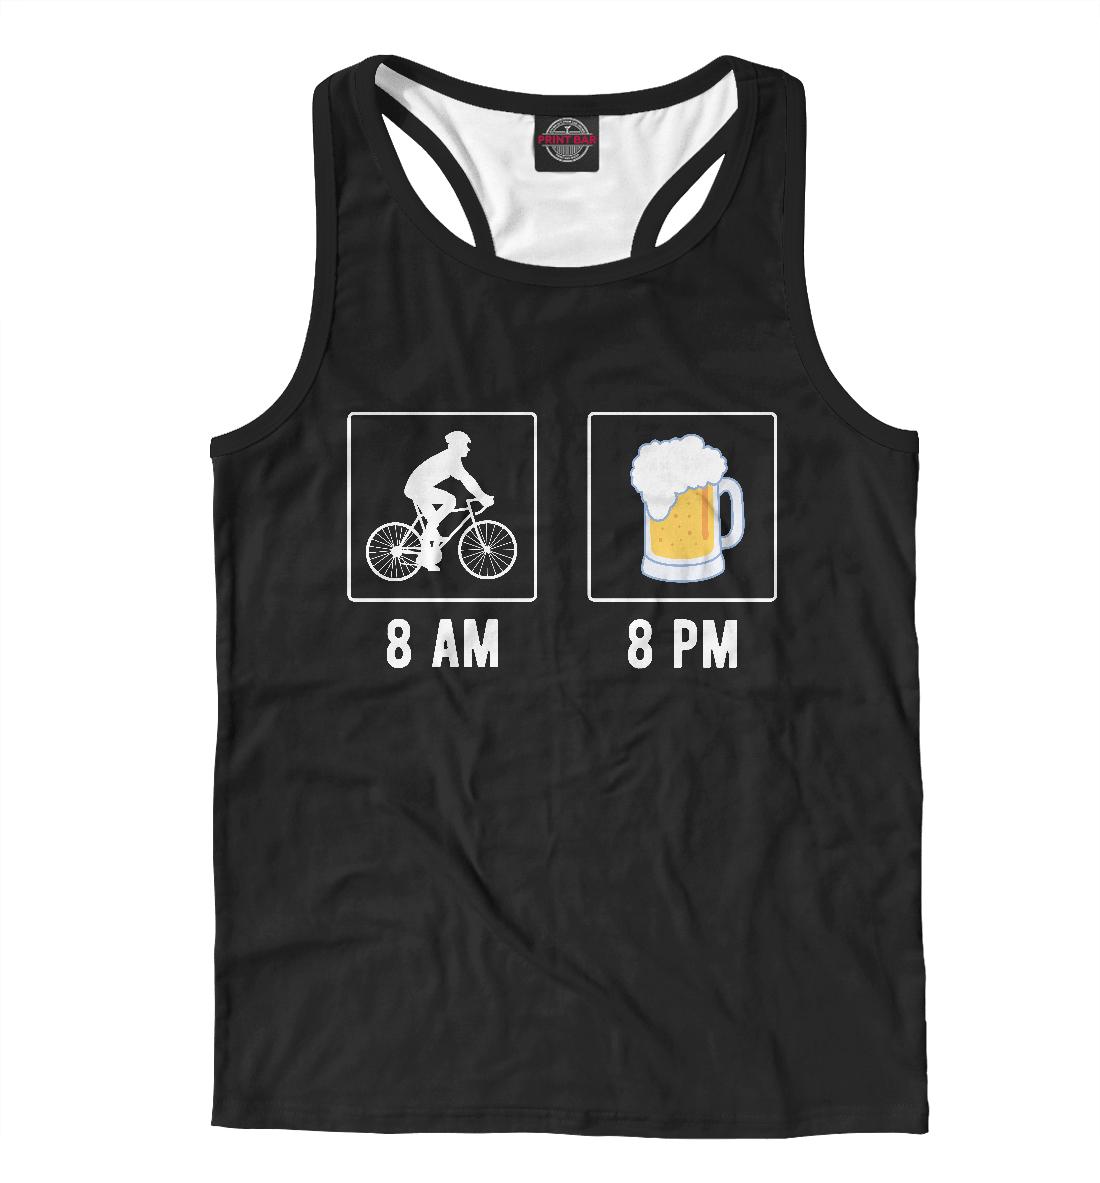 Утром - велосипед, вечером - по пиву! утром деньги вечером стулья